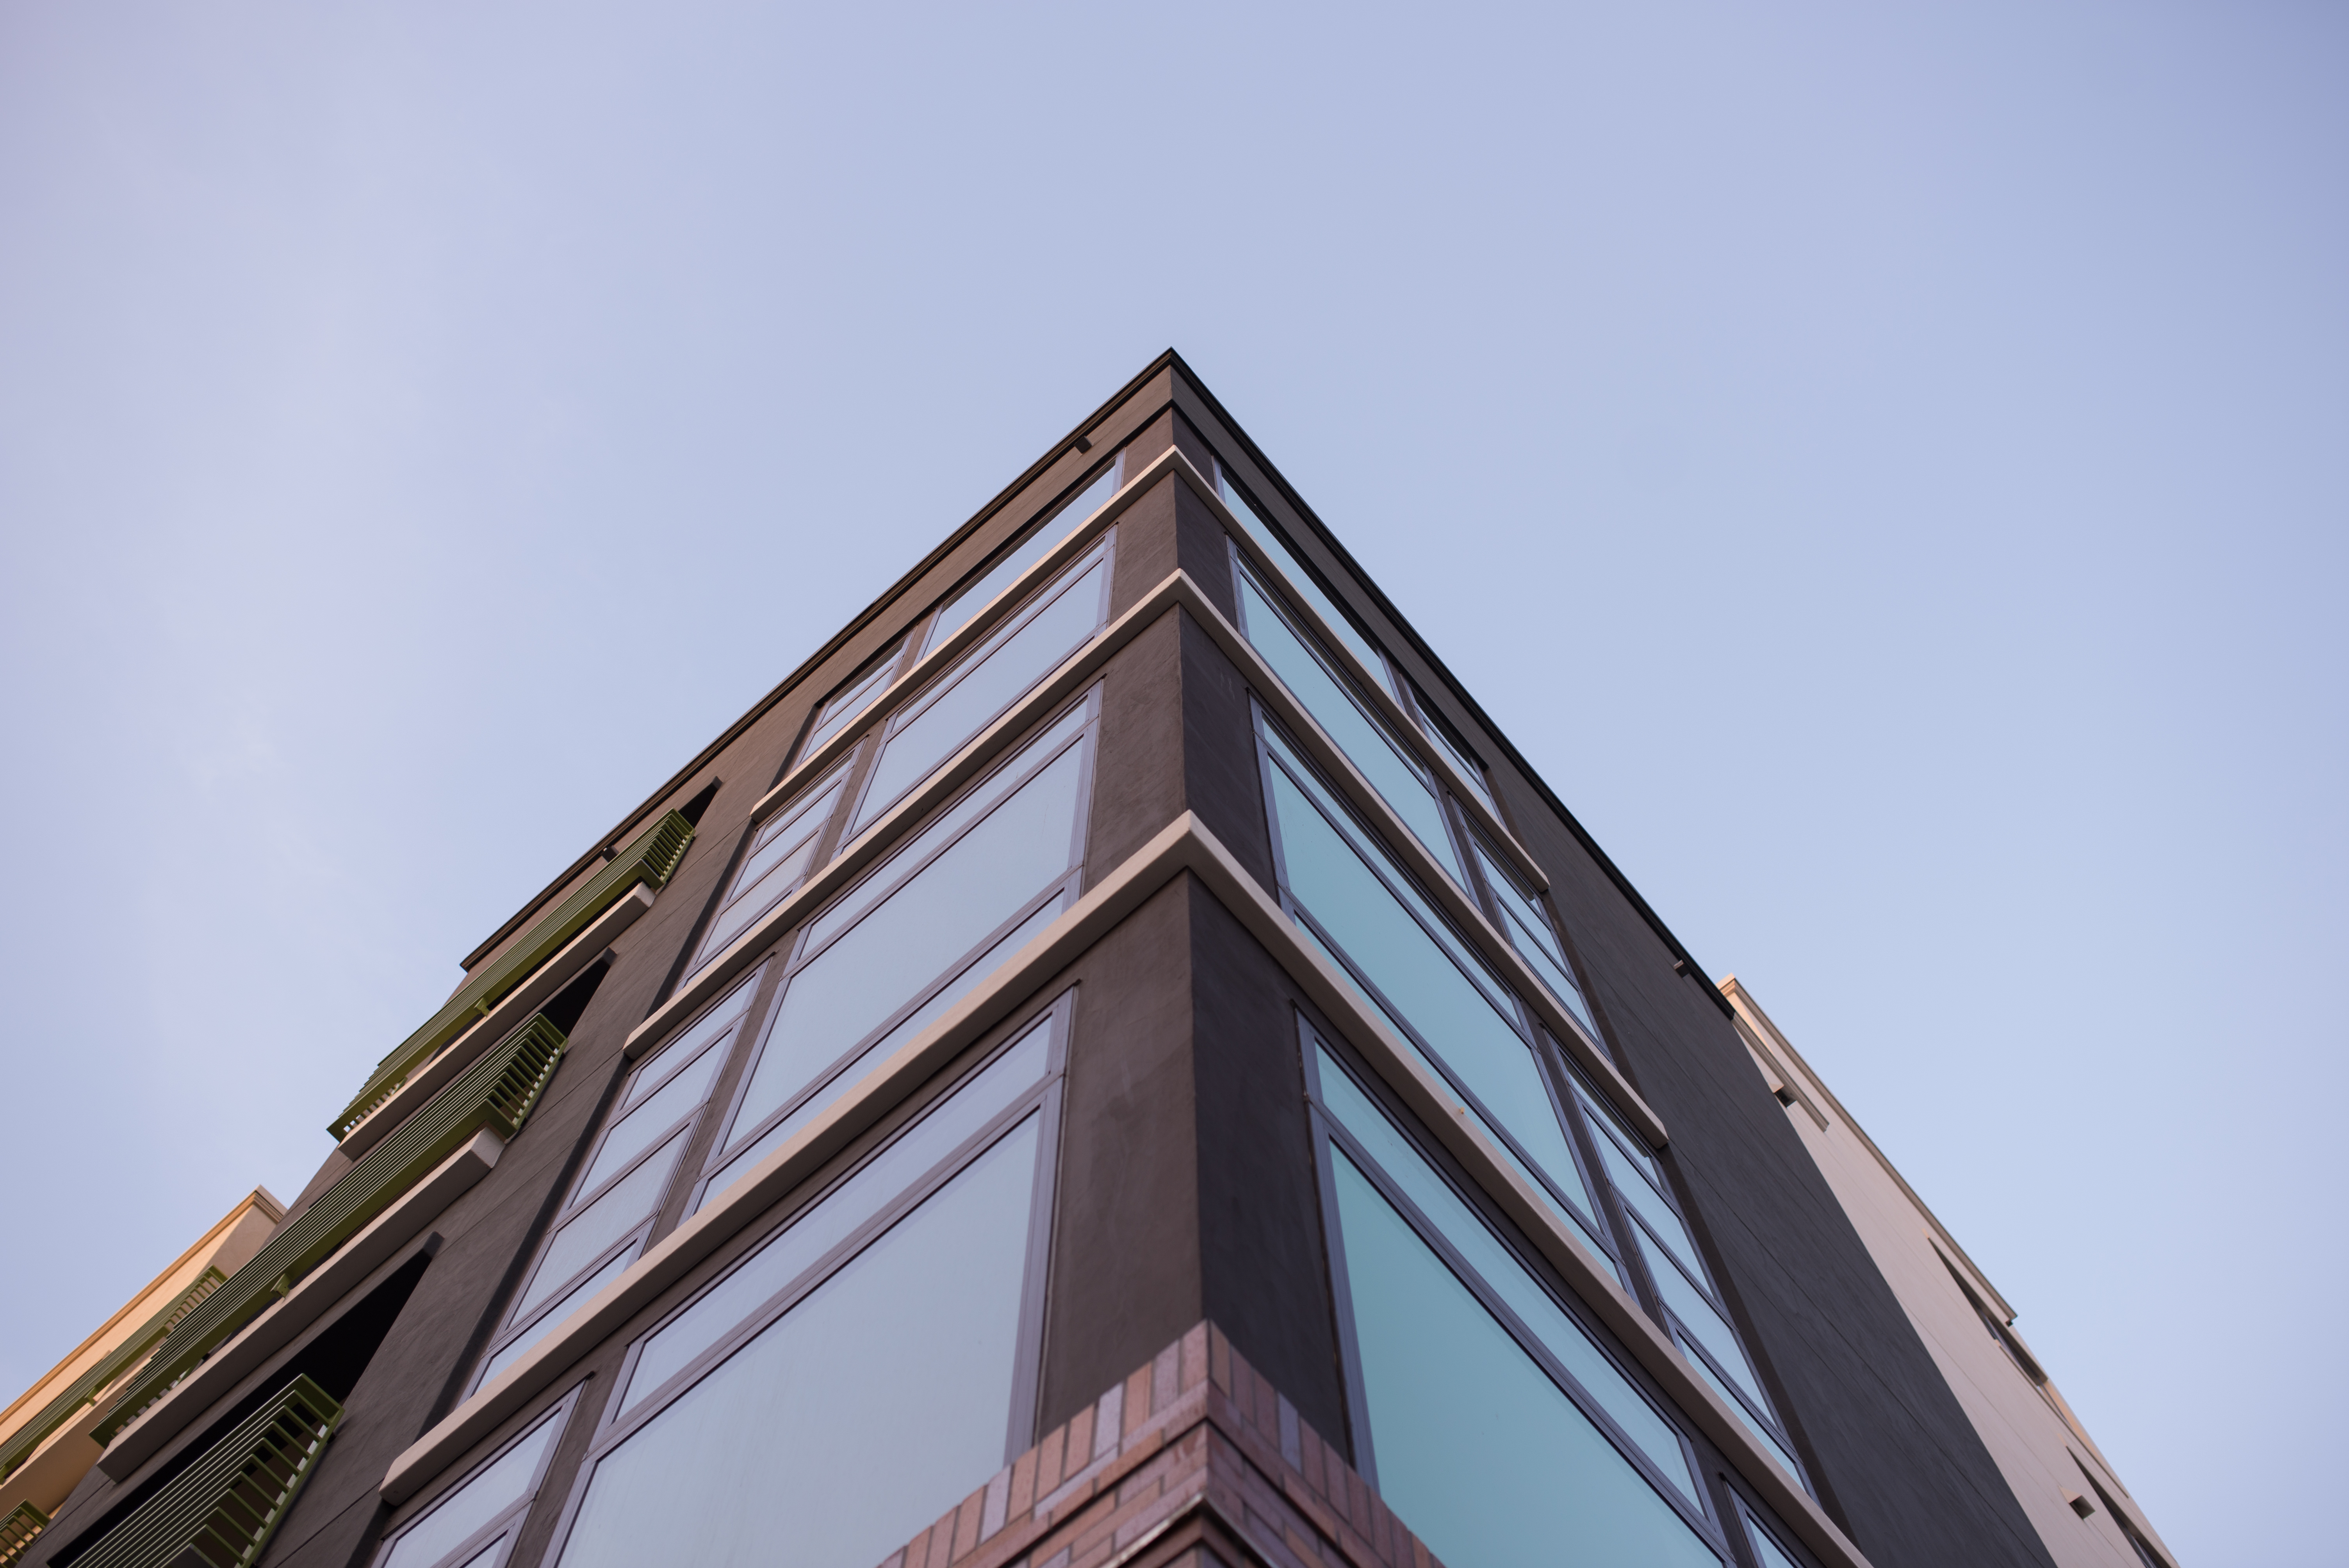 Architecture-44.jpg